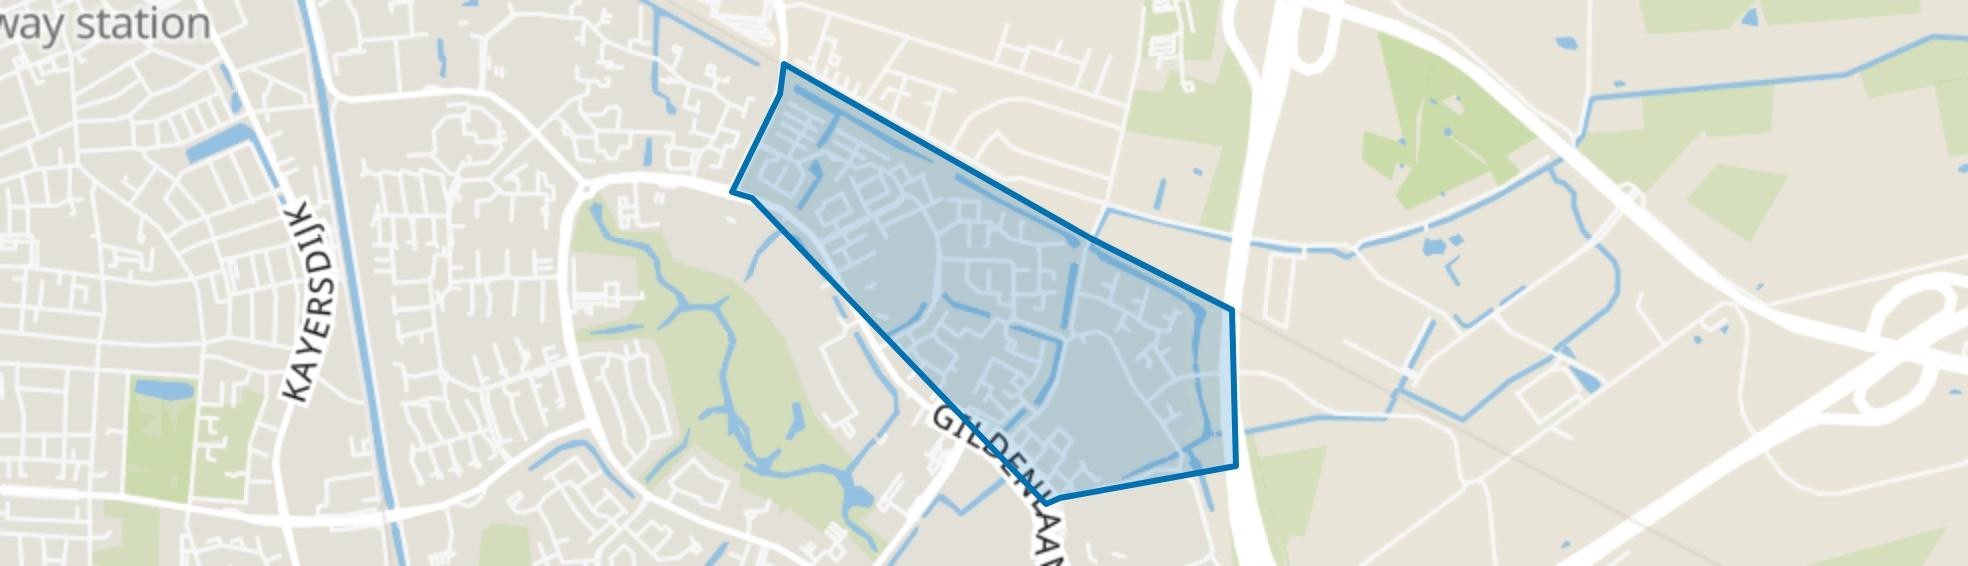 Matendonk, Apeldoorn map